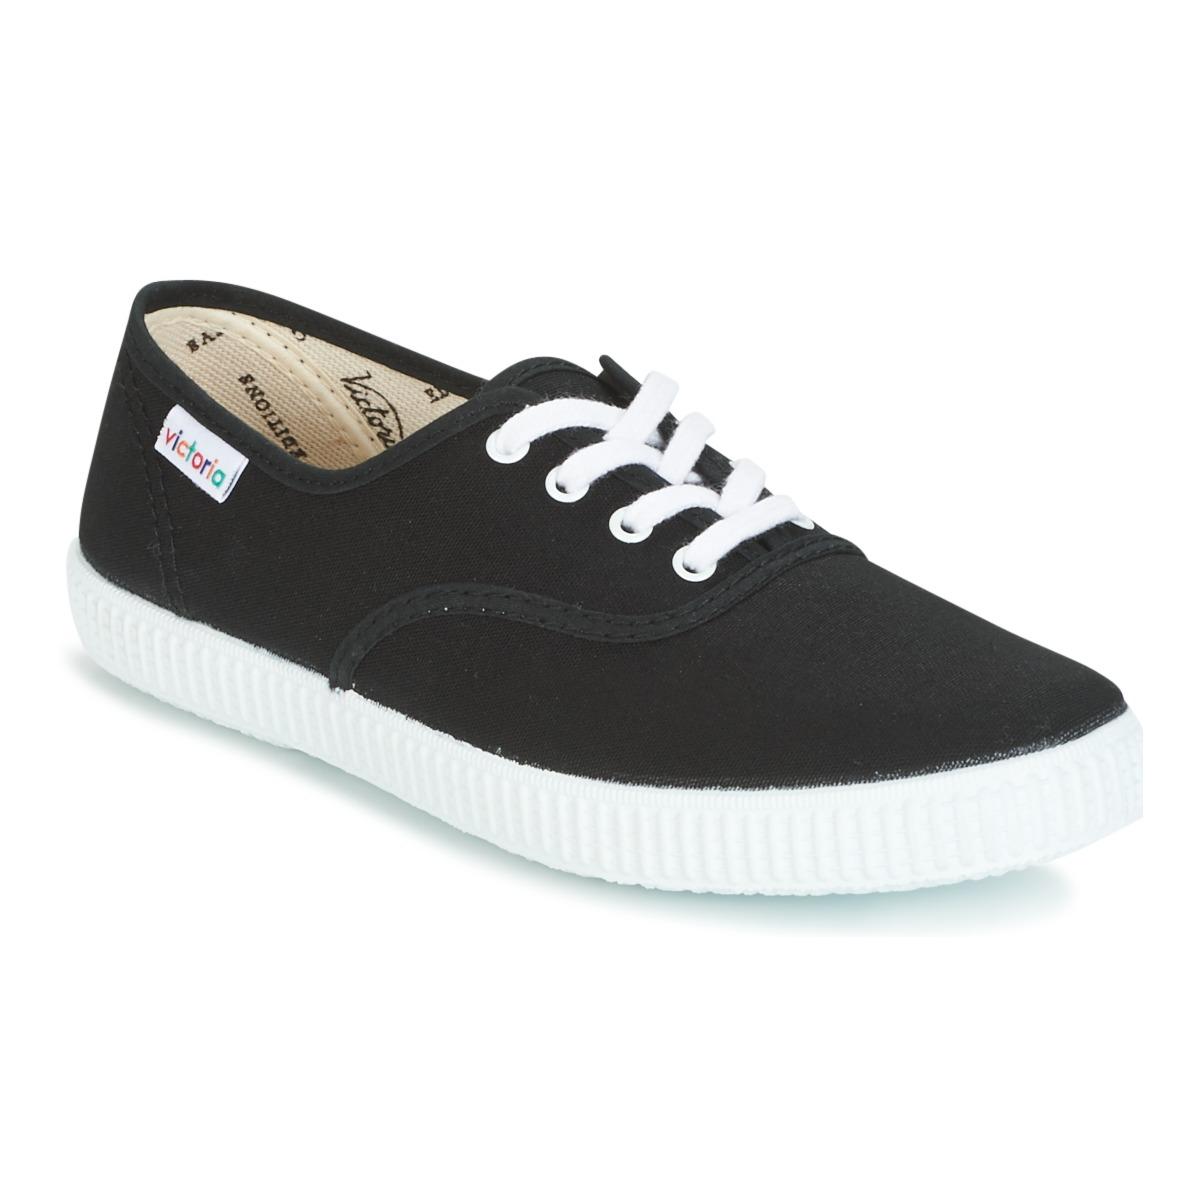 Victoria INGLESA LONA Schwarz - Kostenloser Versand bei Spartoode ! - Schuhe Sneaker Low  26,10 €